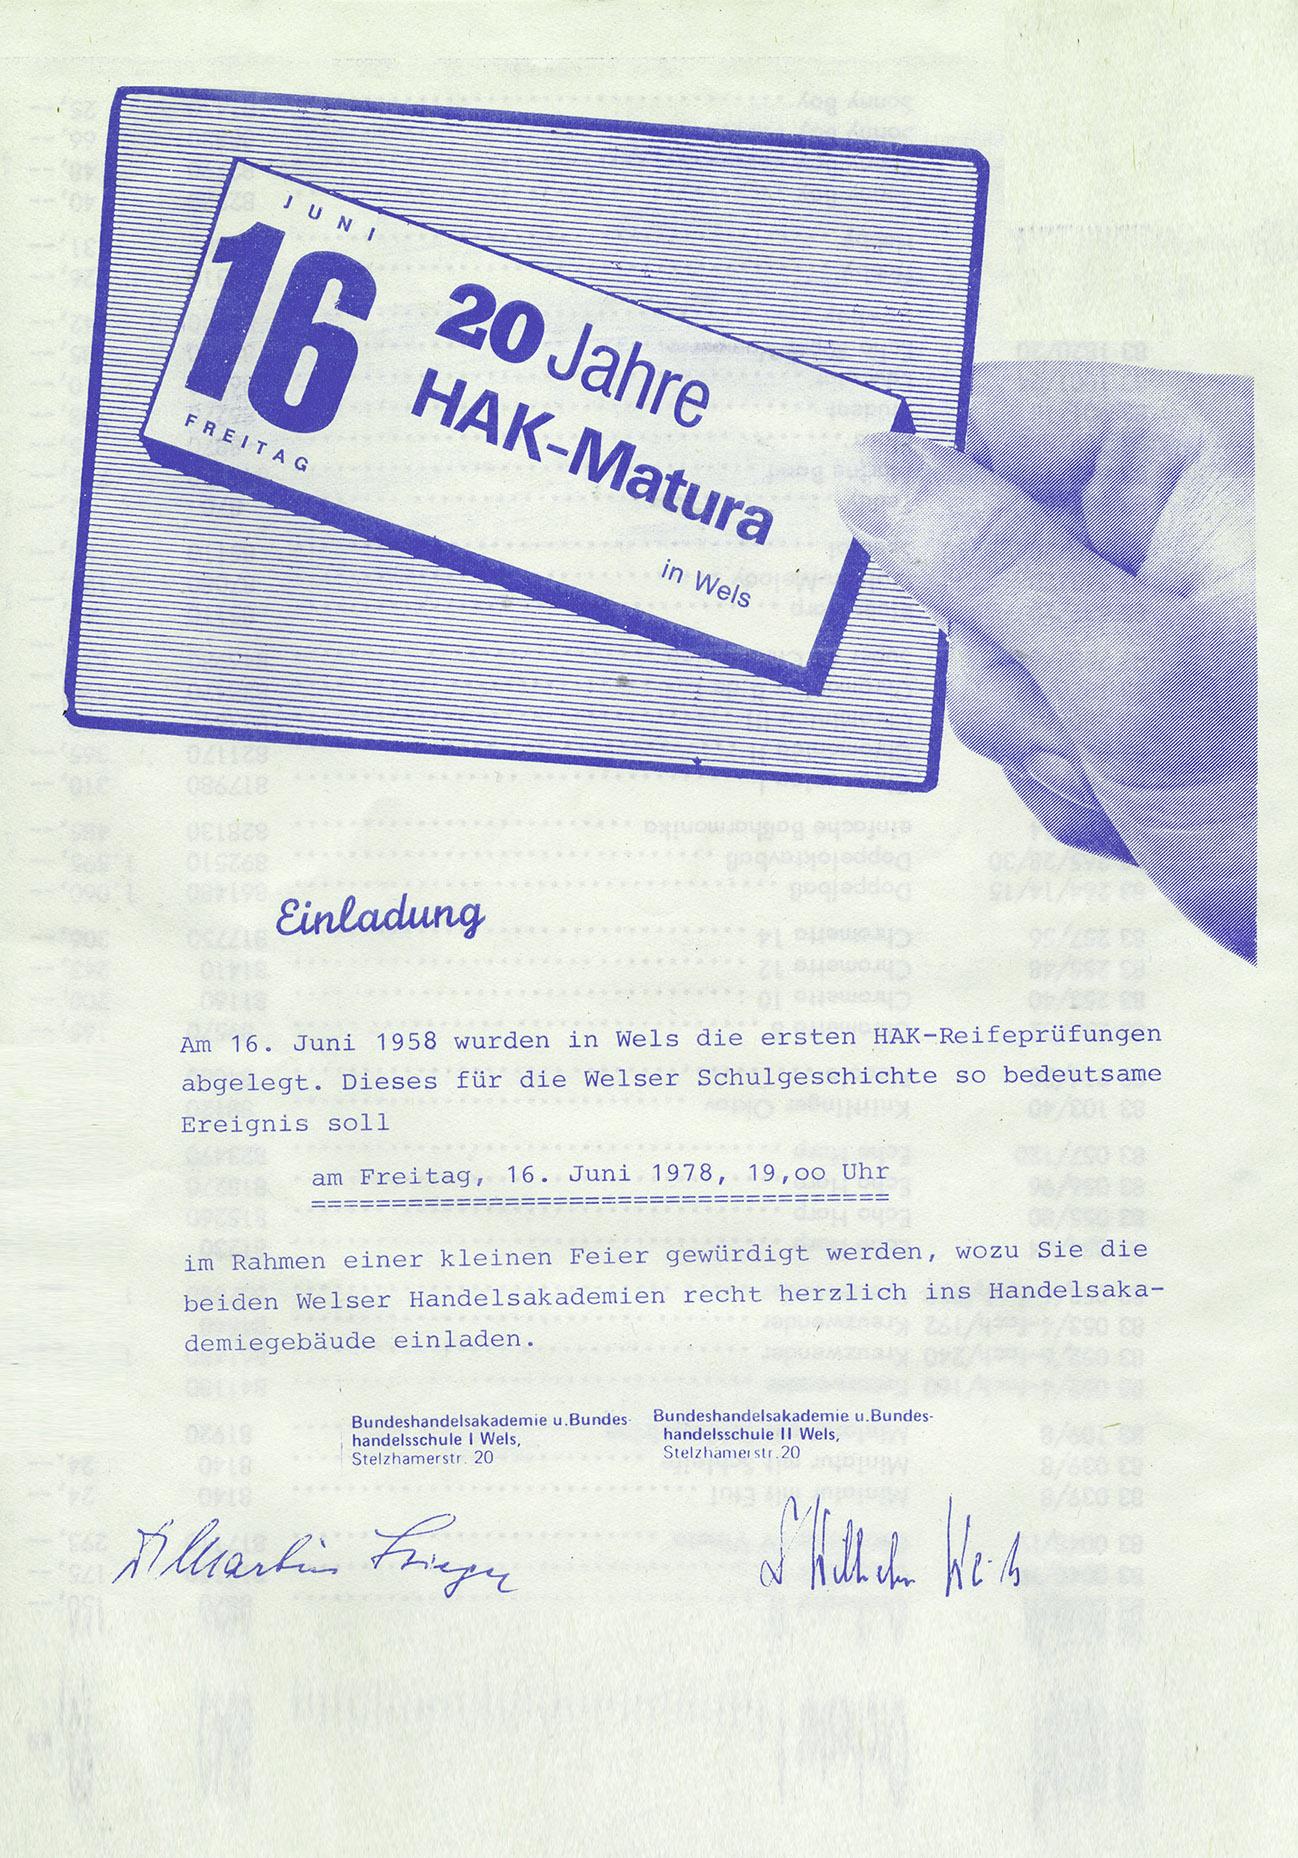 20 Jahre HAK-Matura 1978 klein